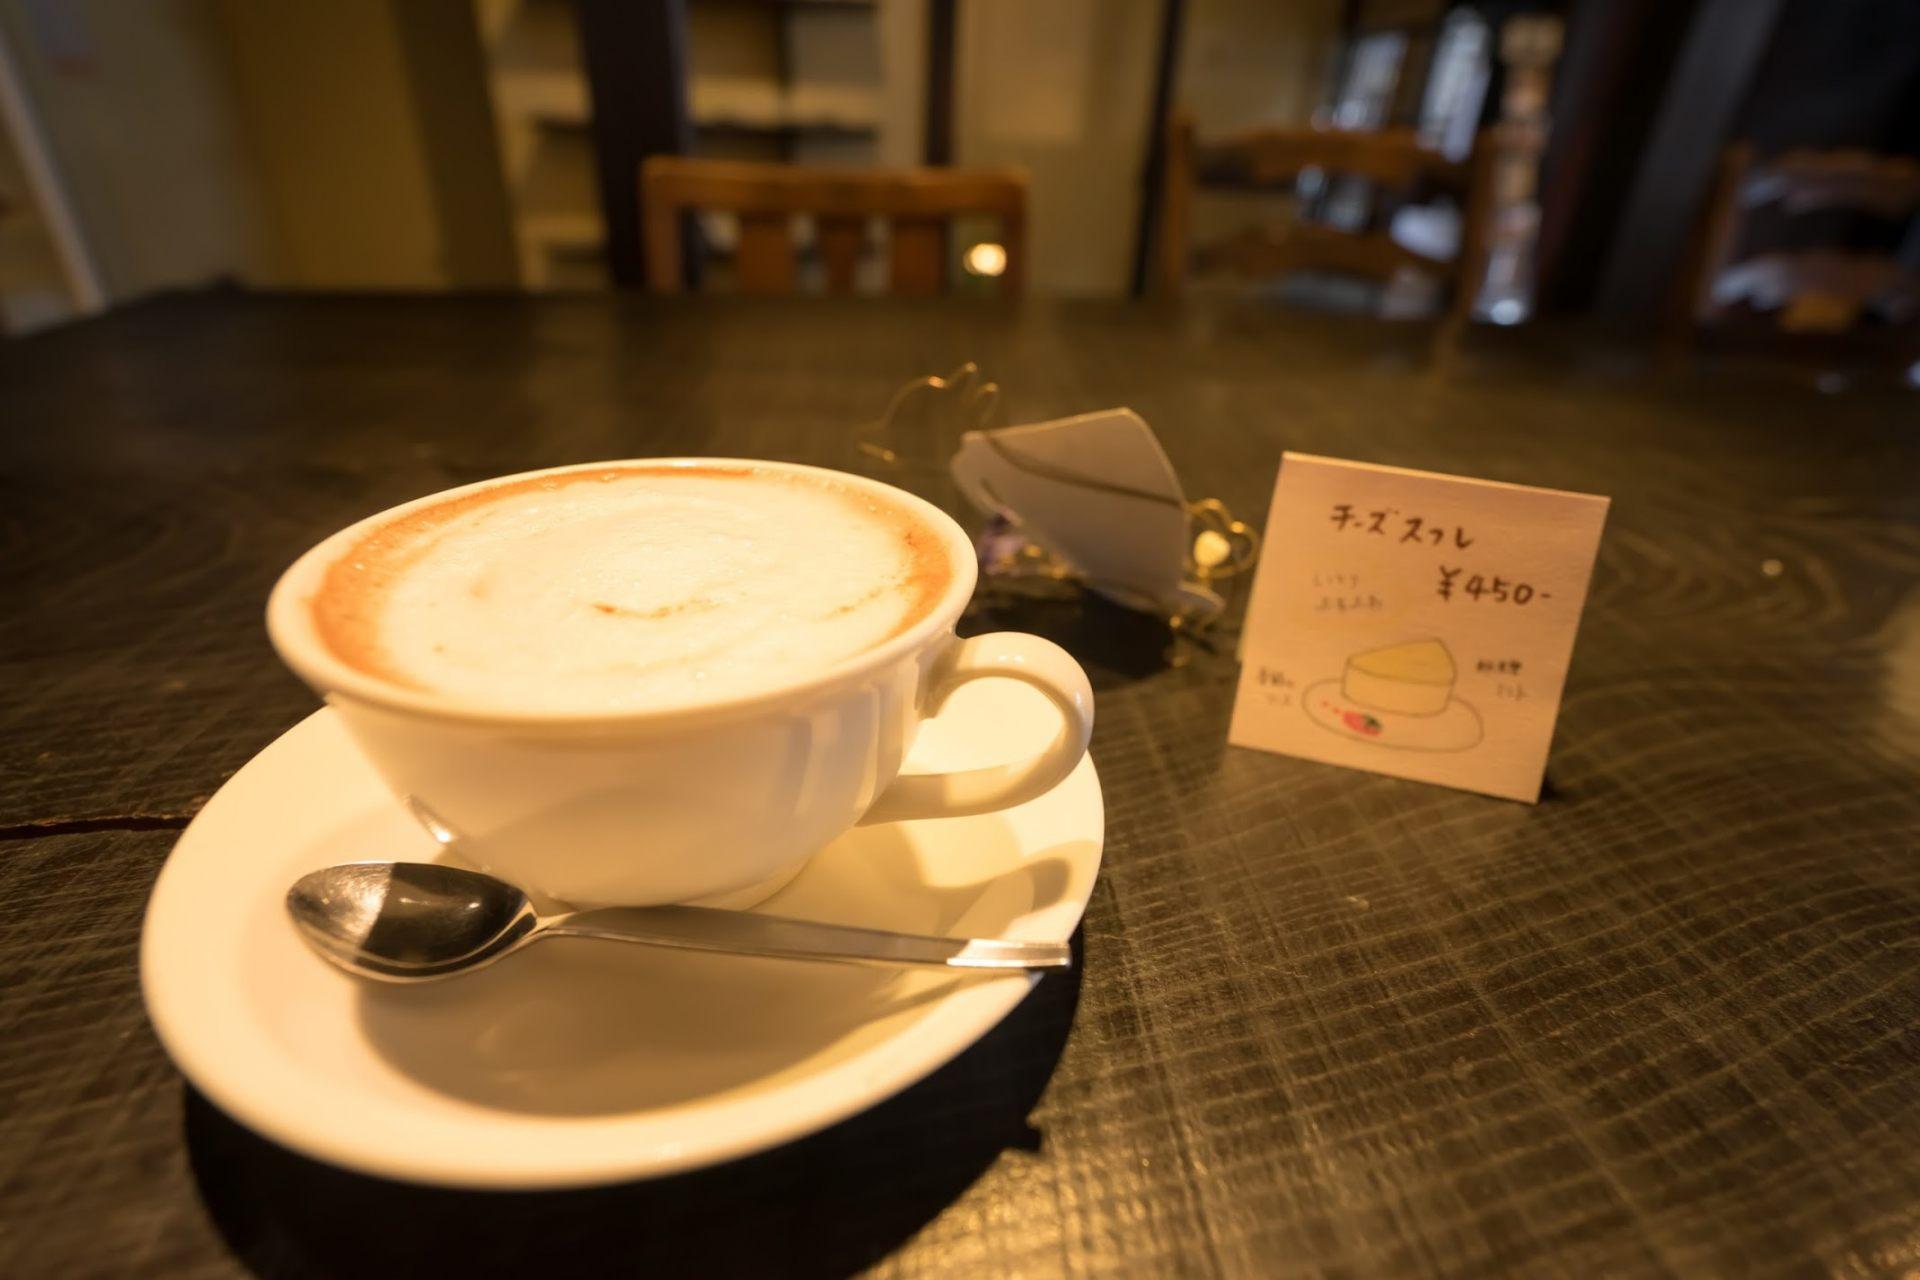 可可茶 430日圓